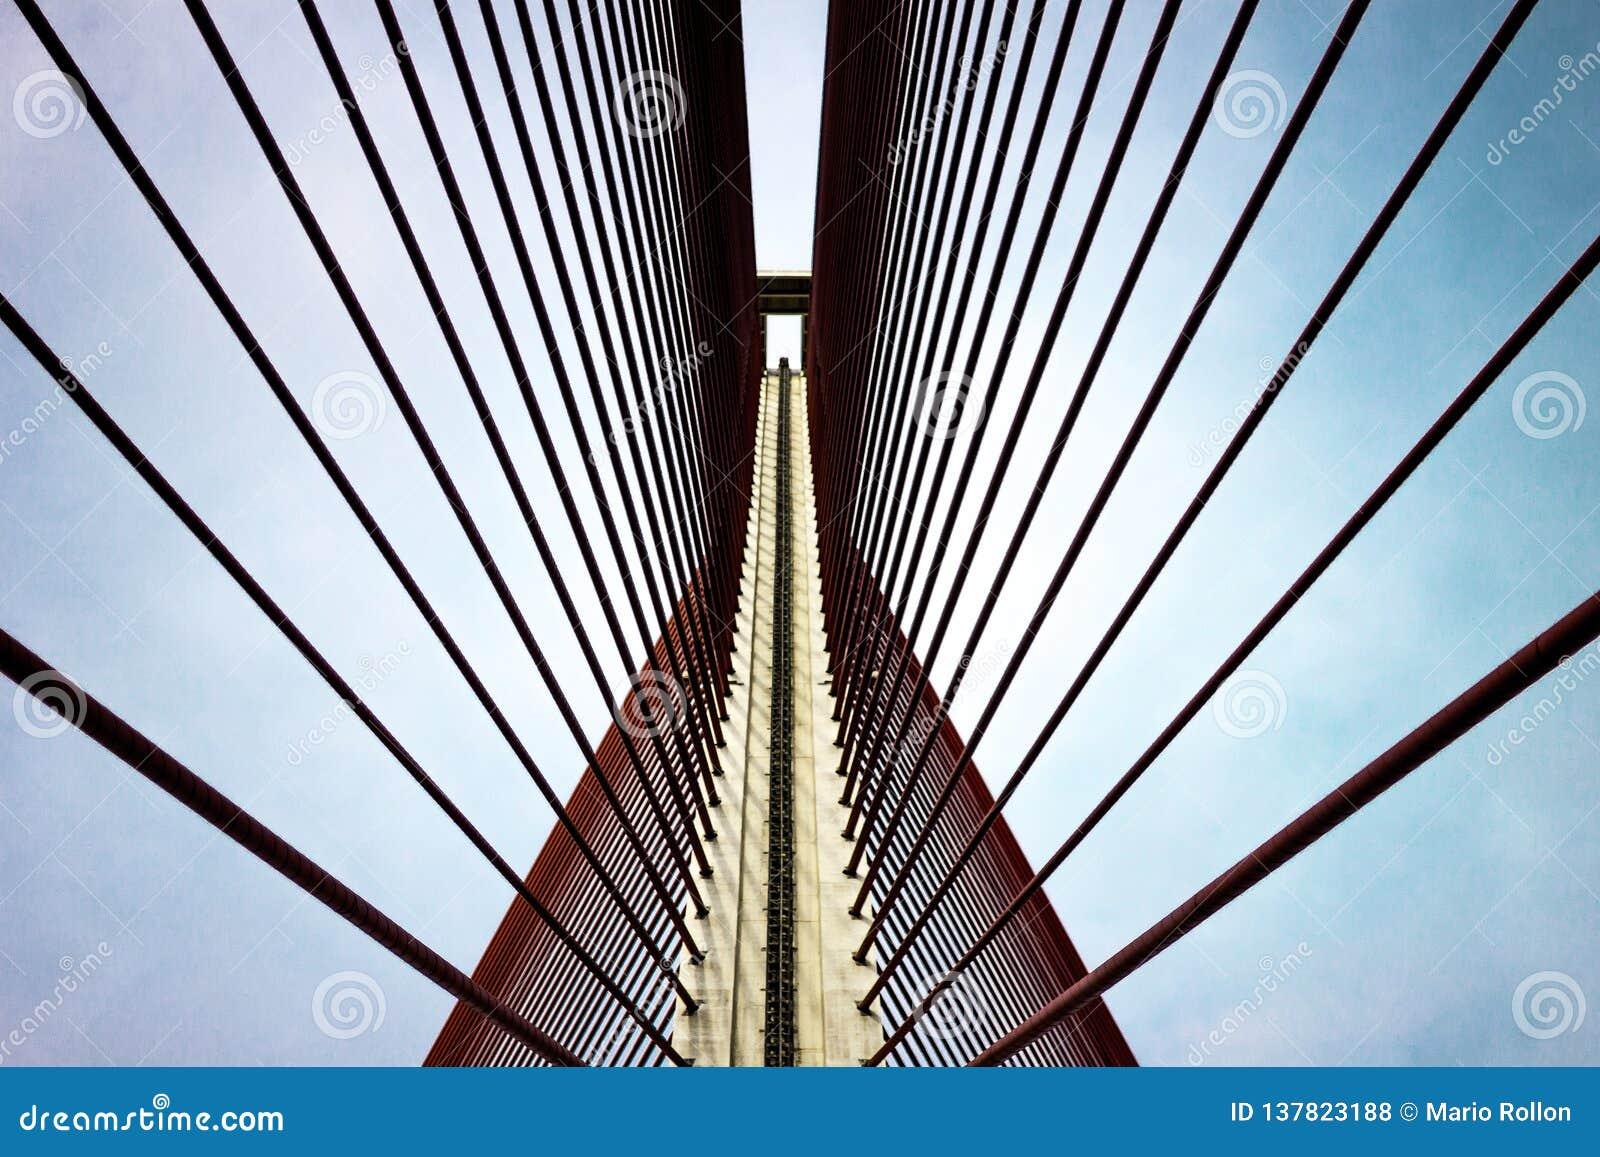 塔拉韦拉德拉雷纳桥梁